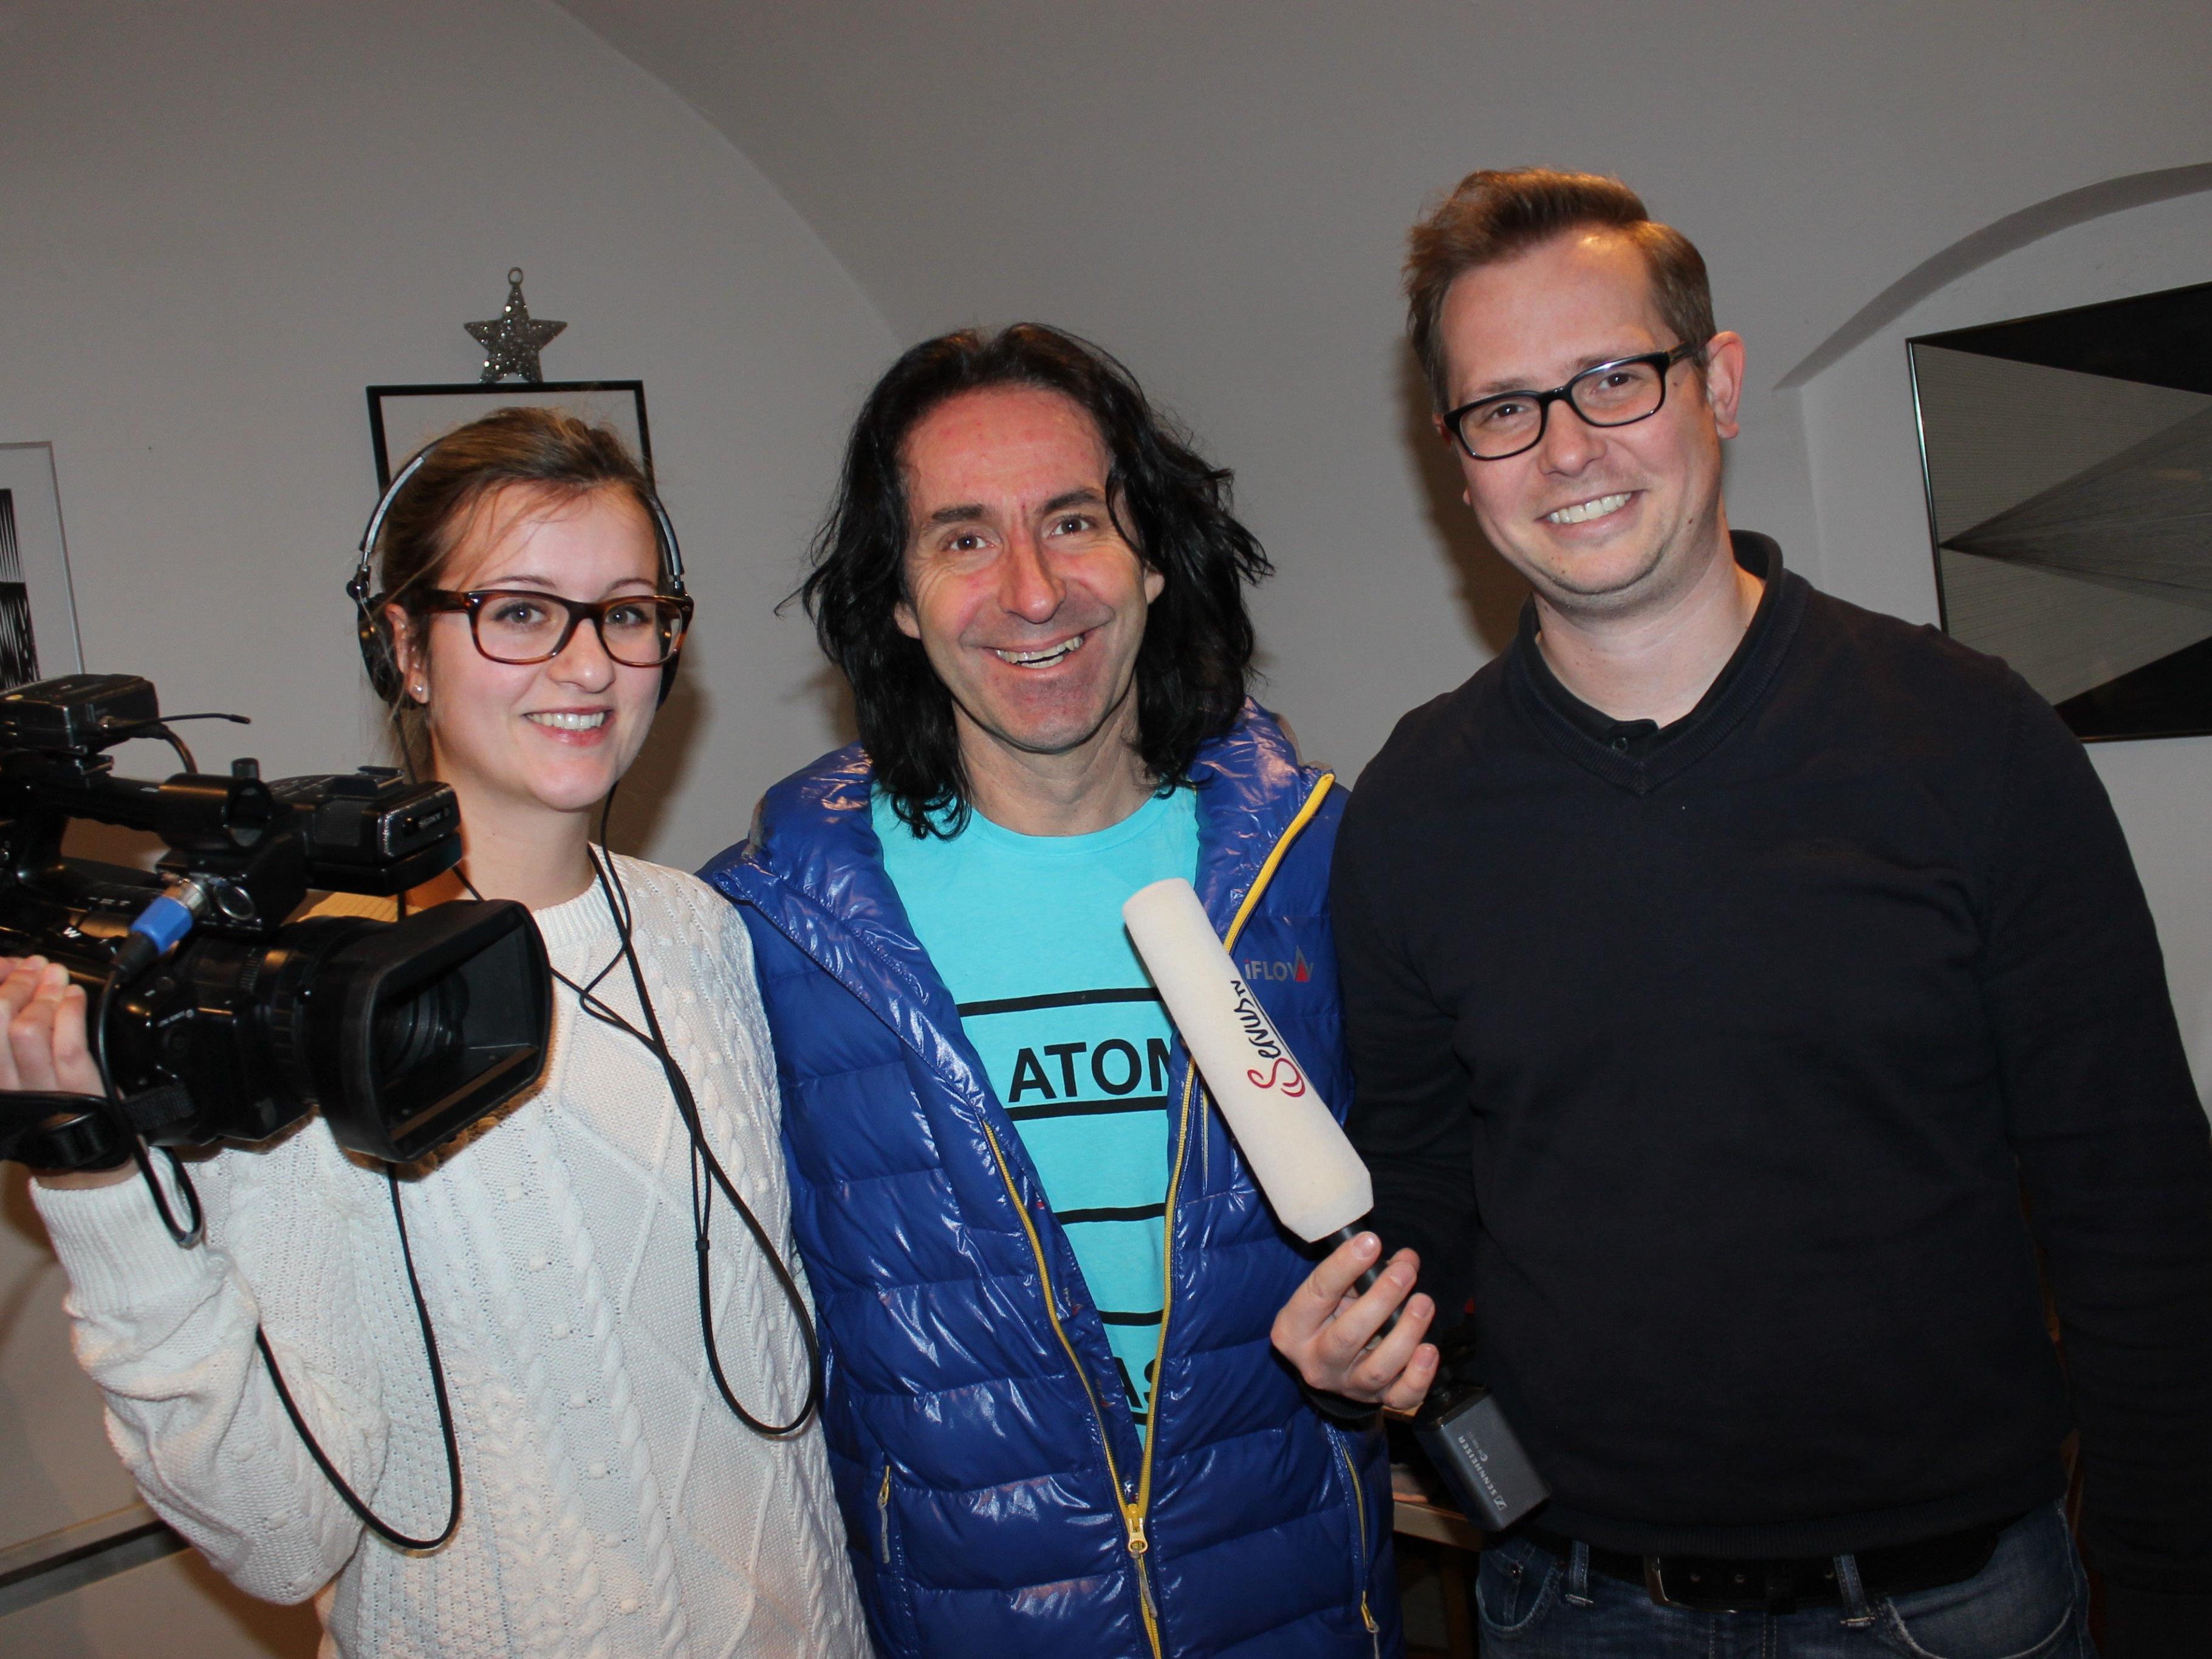 ServusTV Kamerafrau Martina Kathan und Redakteur Philipp Vondrak produzierten mit Stunde des Herzens einen bundesweit abgestrahlten Fernsehbeitrag